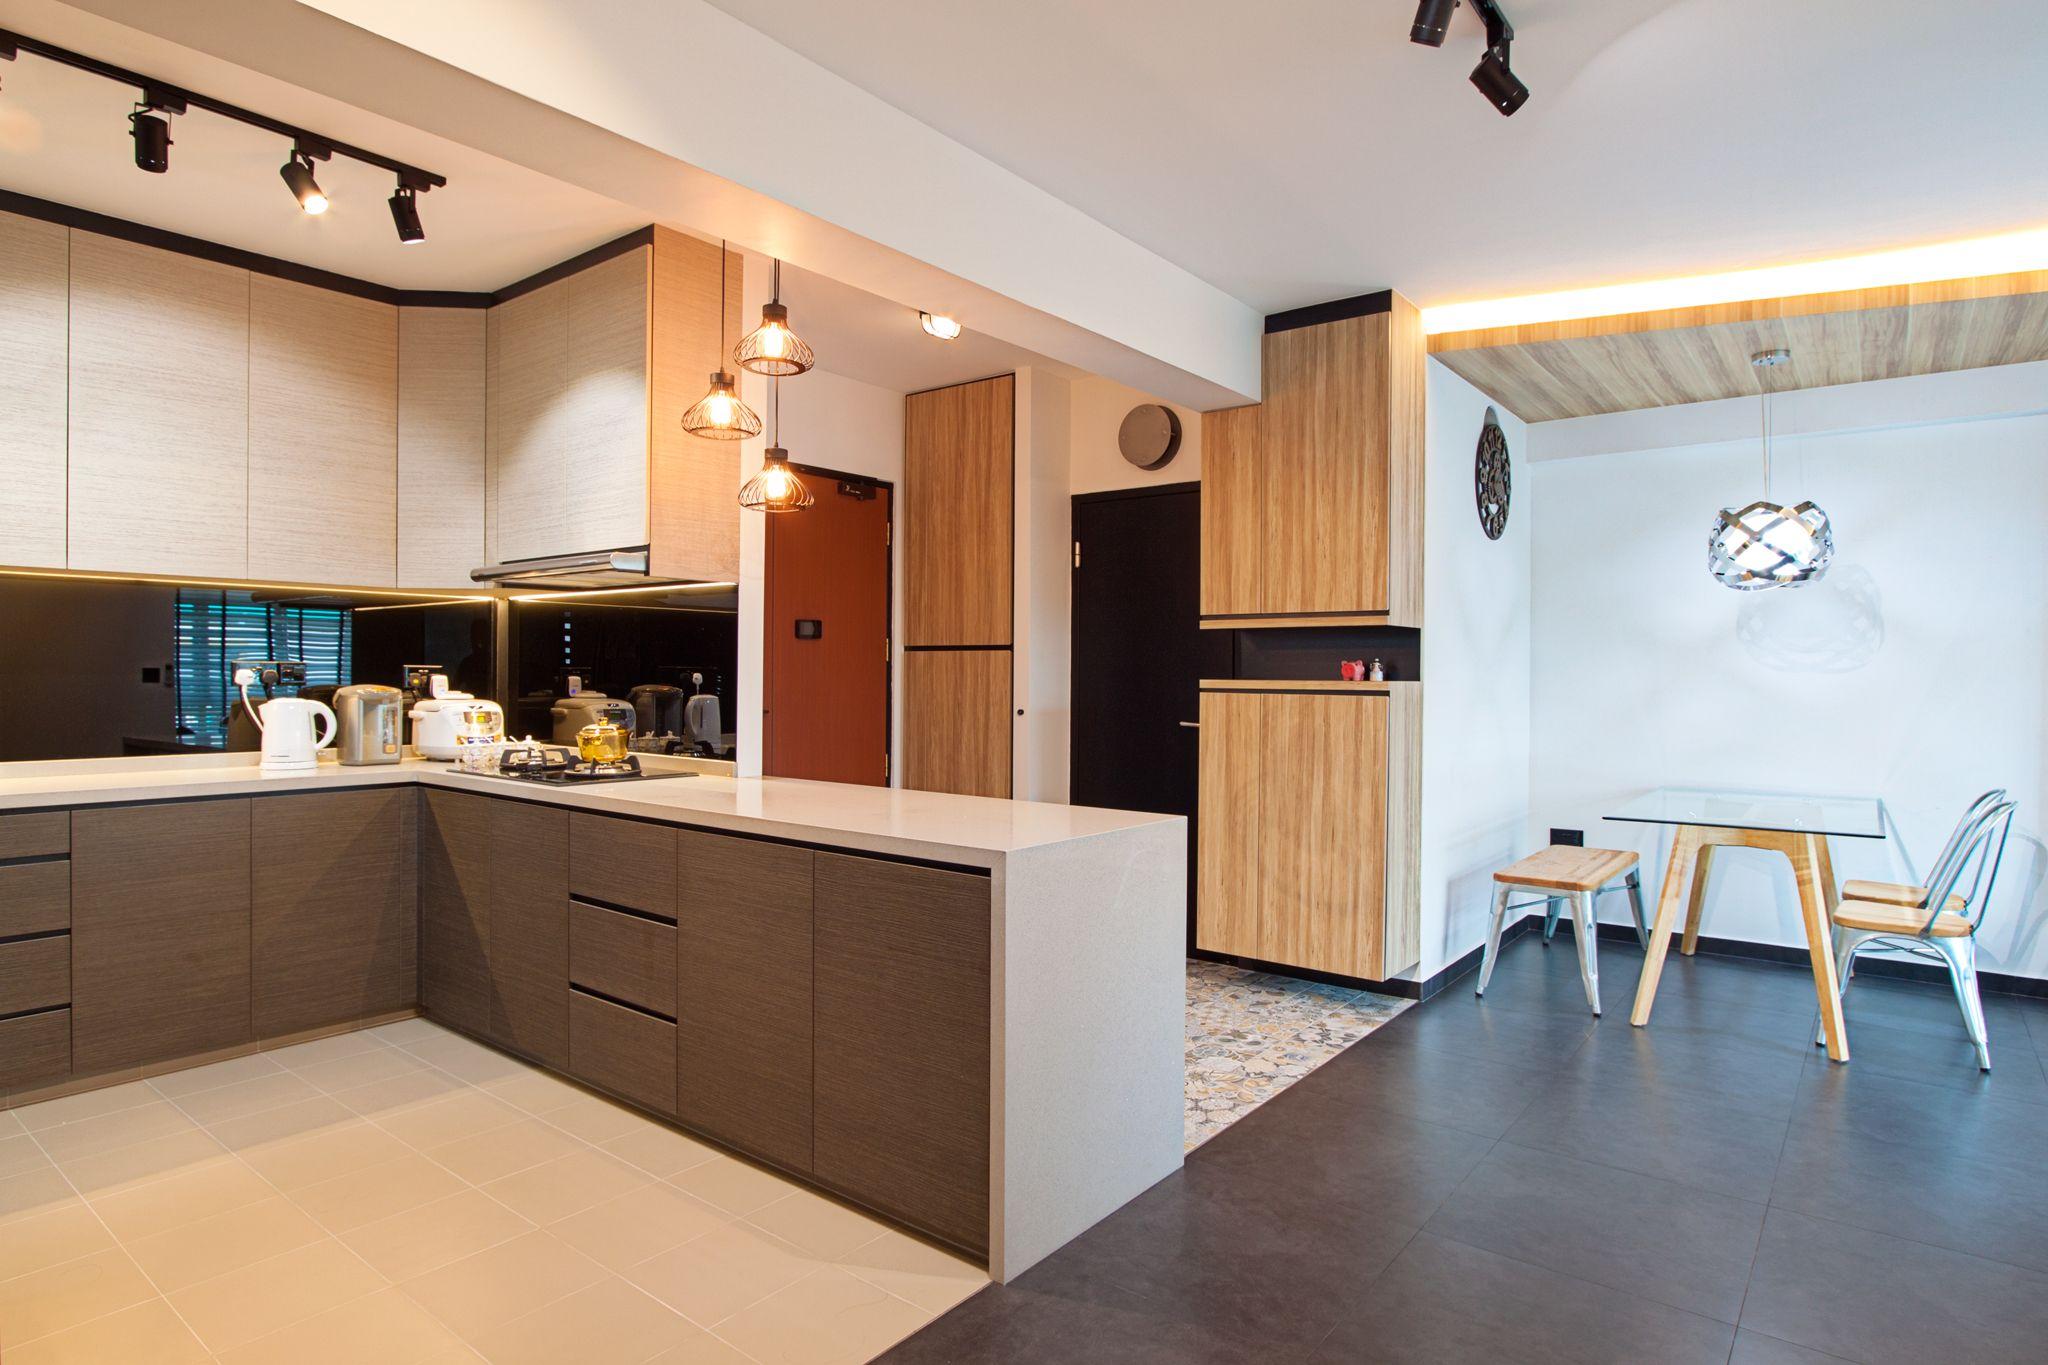 Kitchen Design 5 Room Hdb Flat